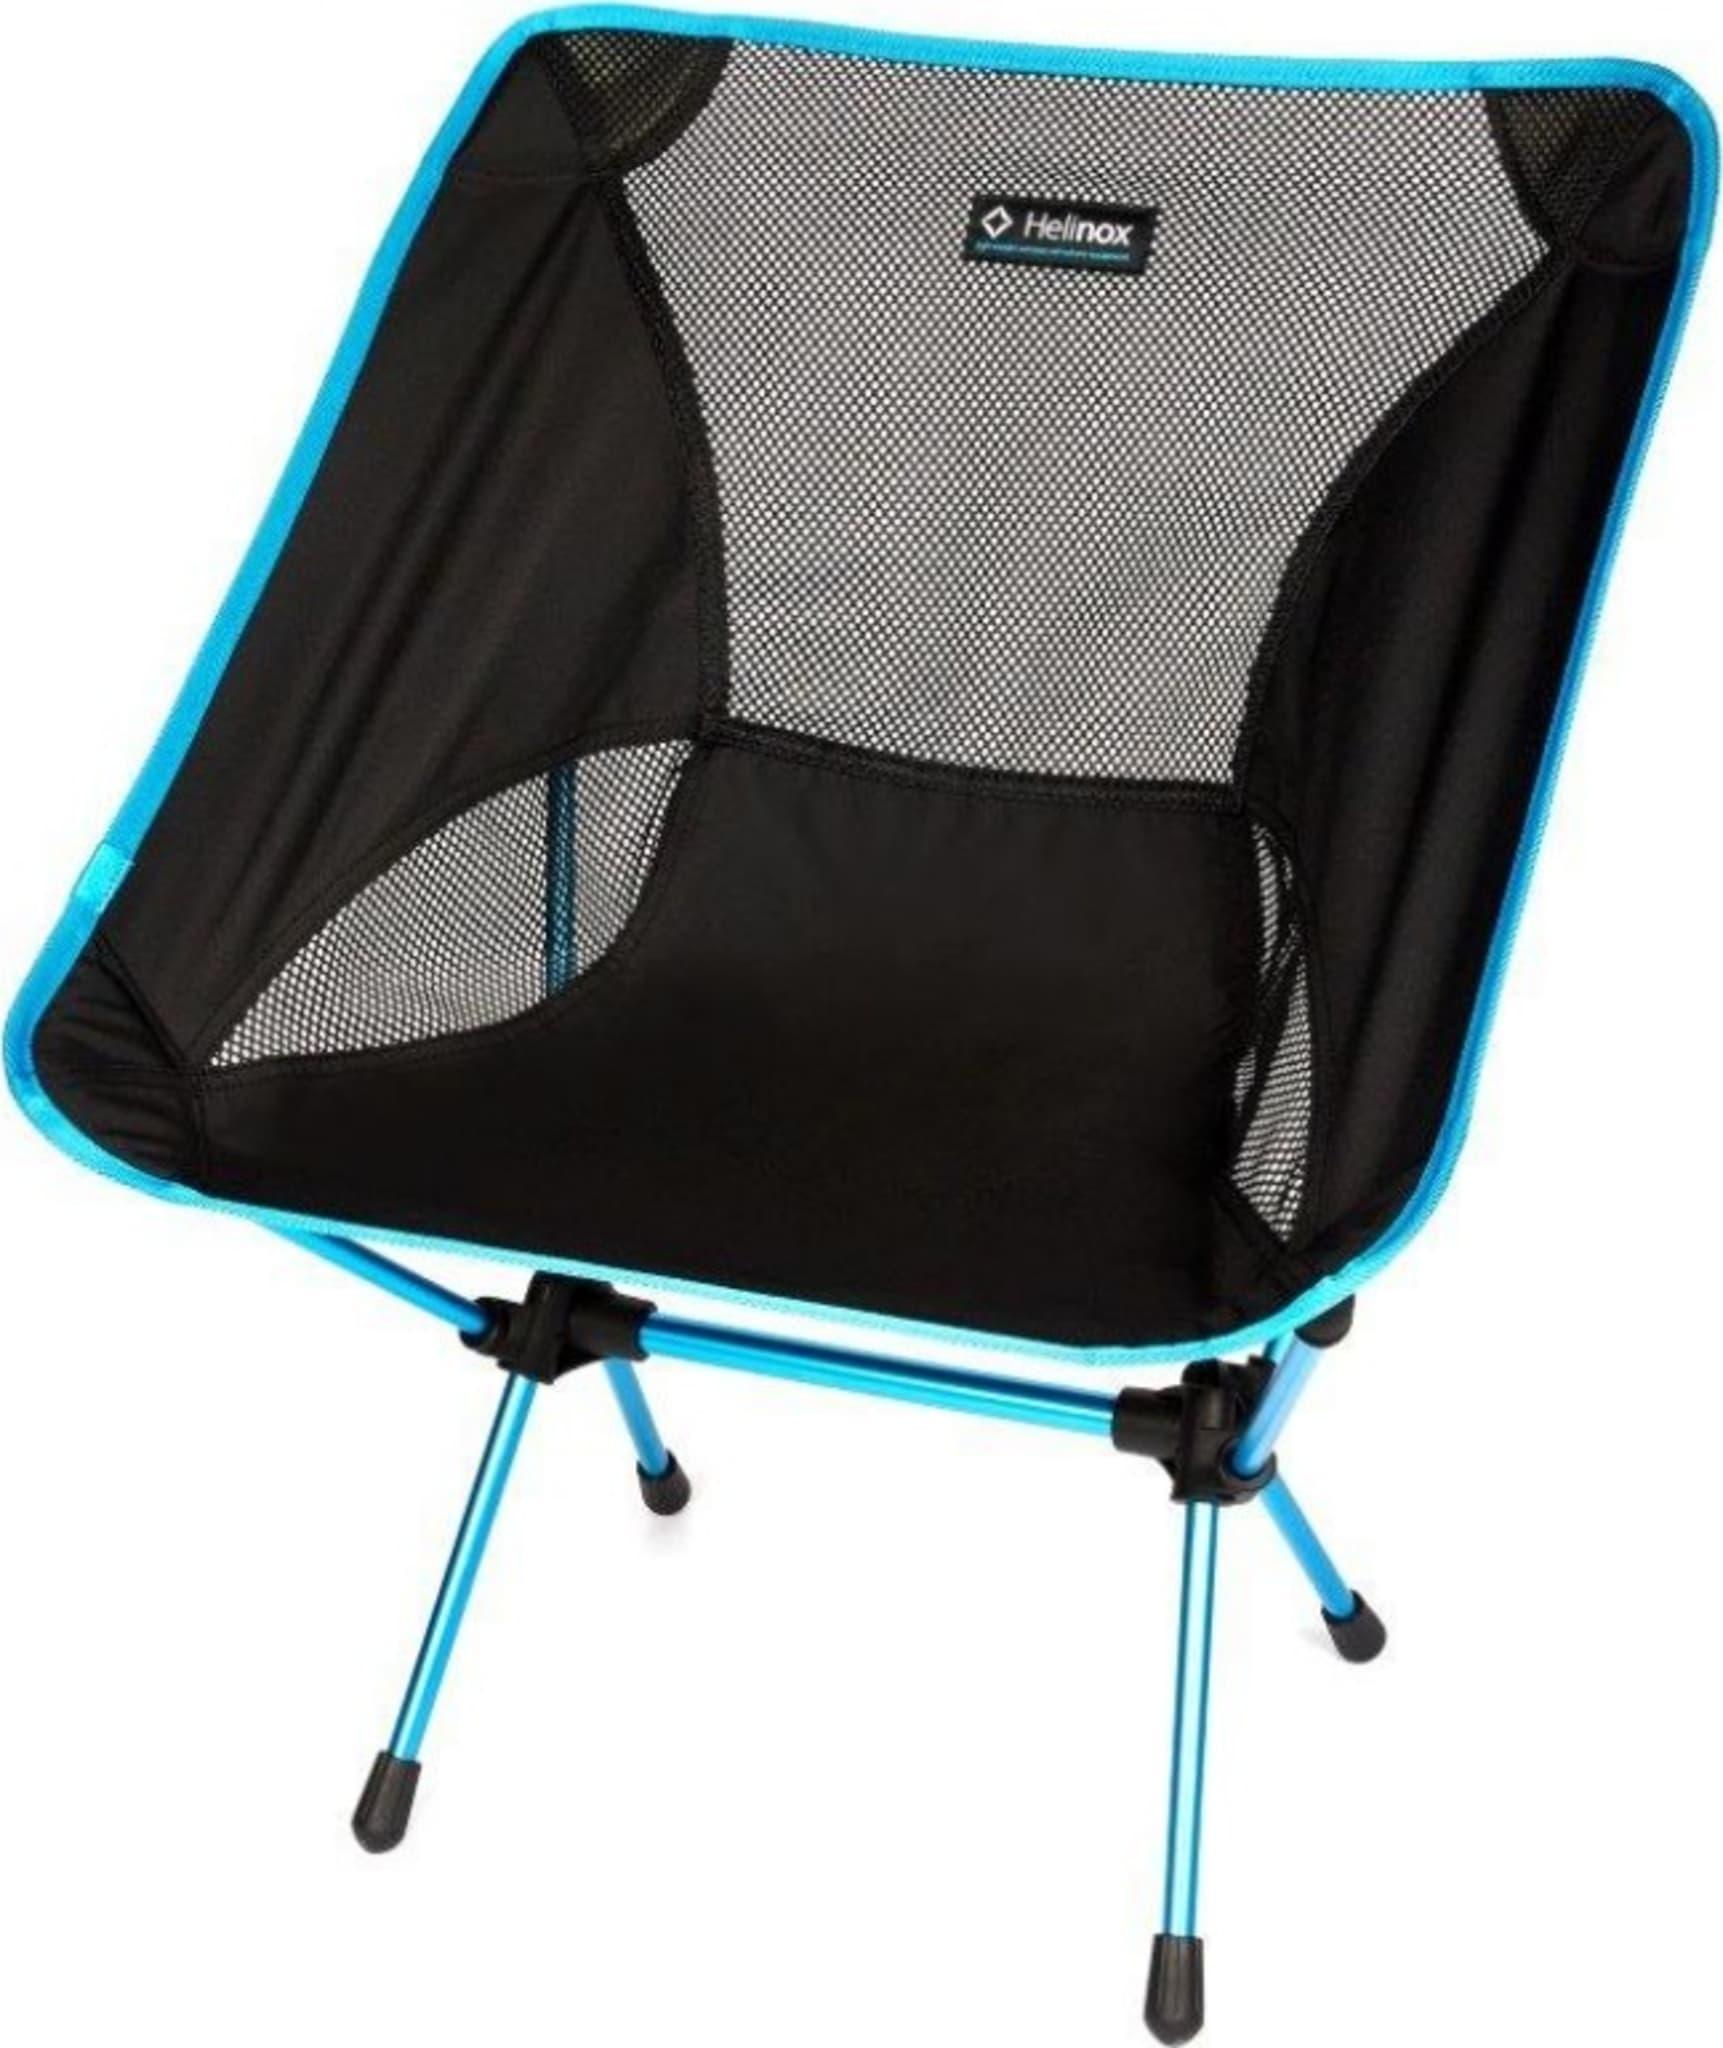 Komfortabel, lett og tar liten plass!